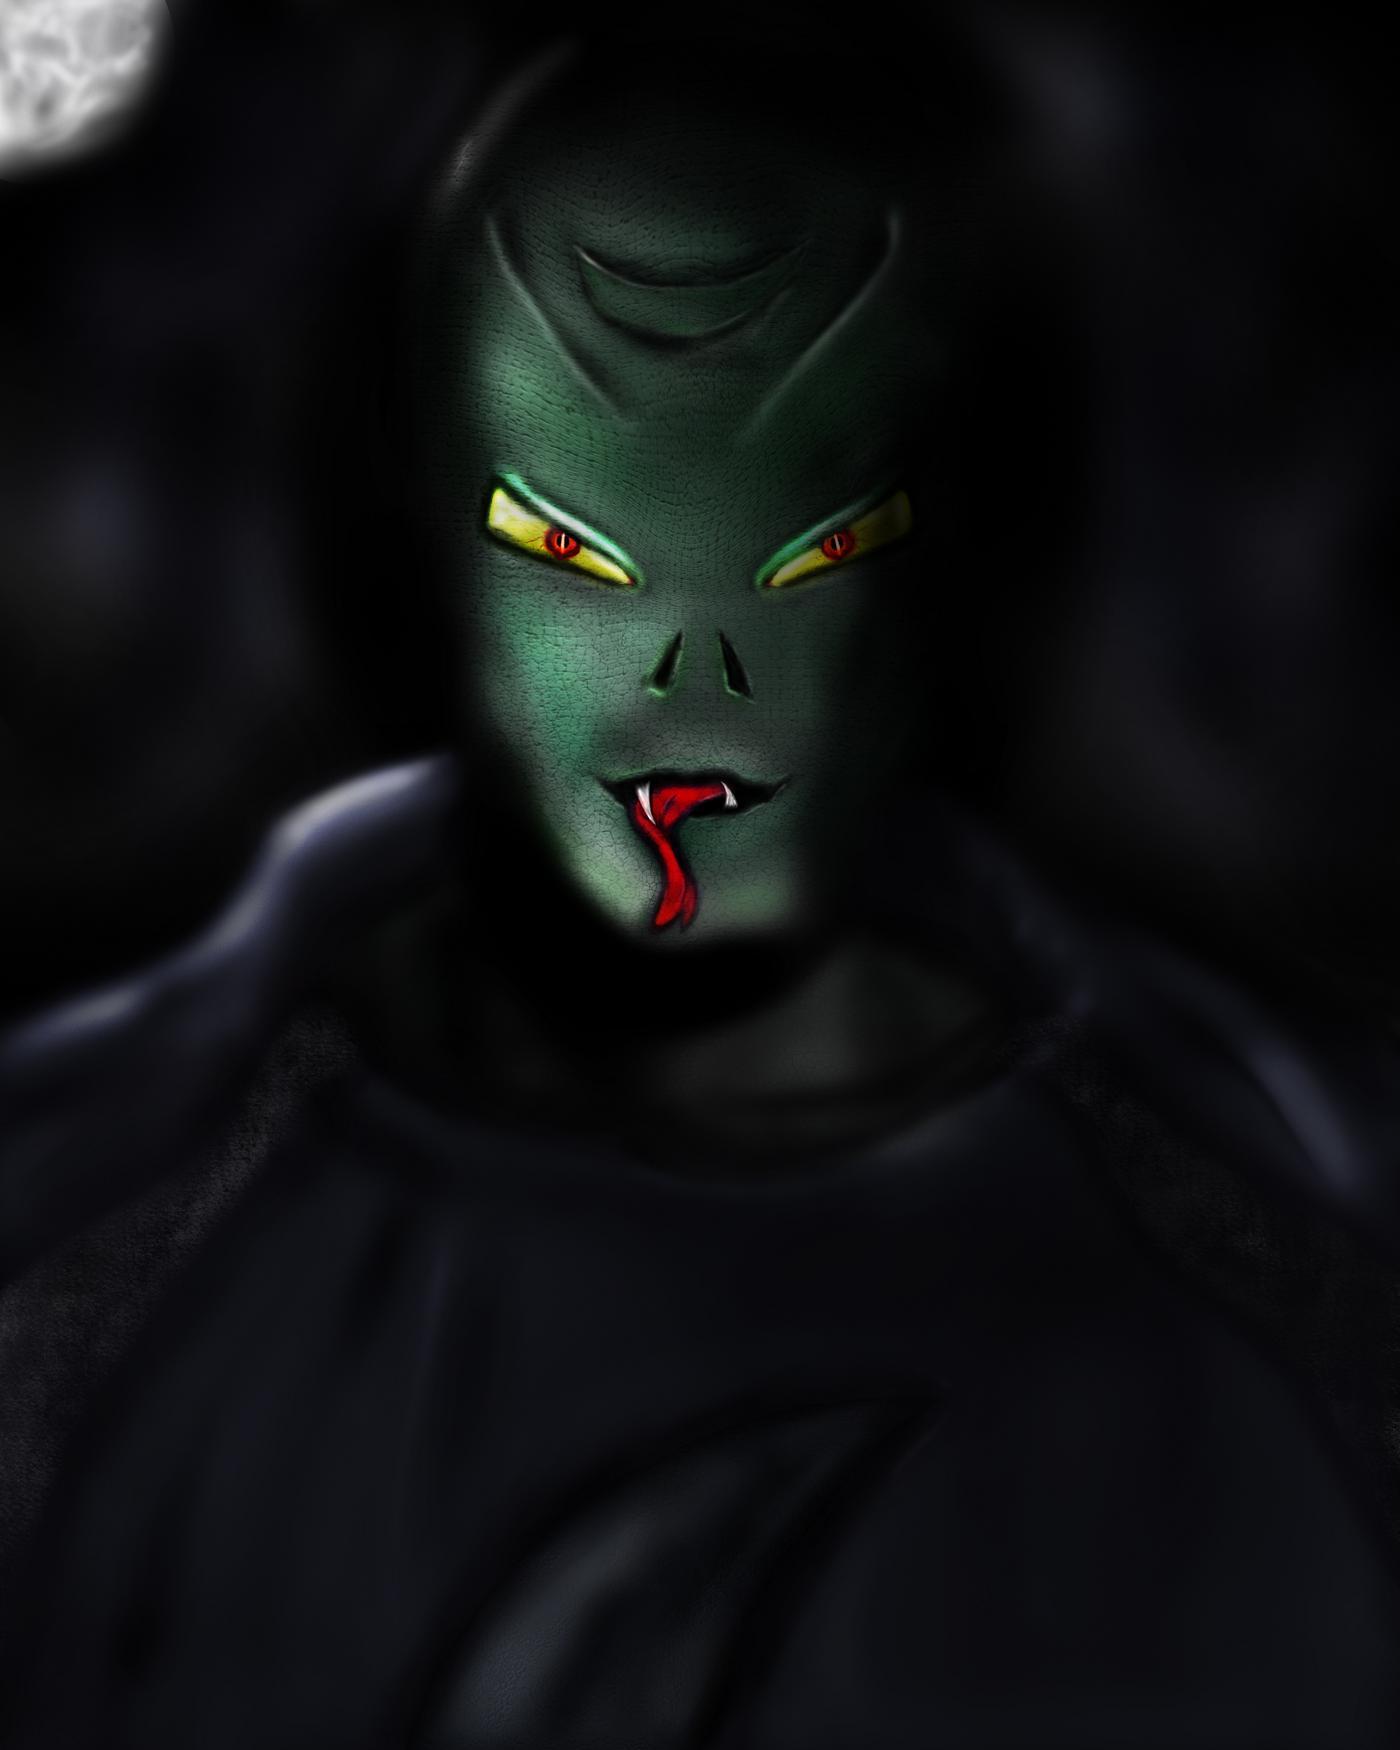 Gaueko: Lord of the night